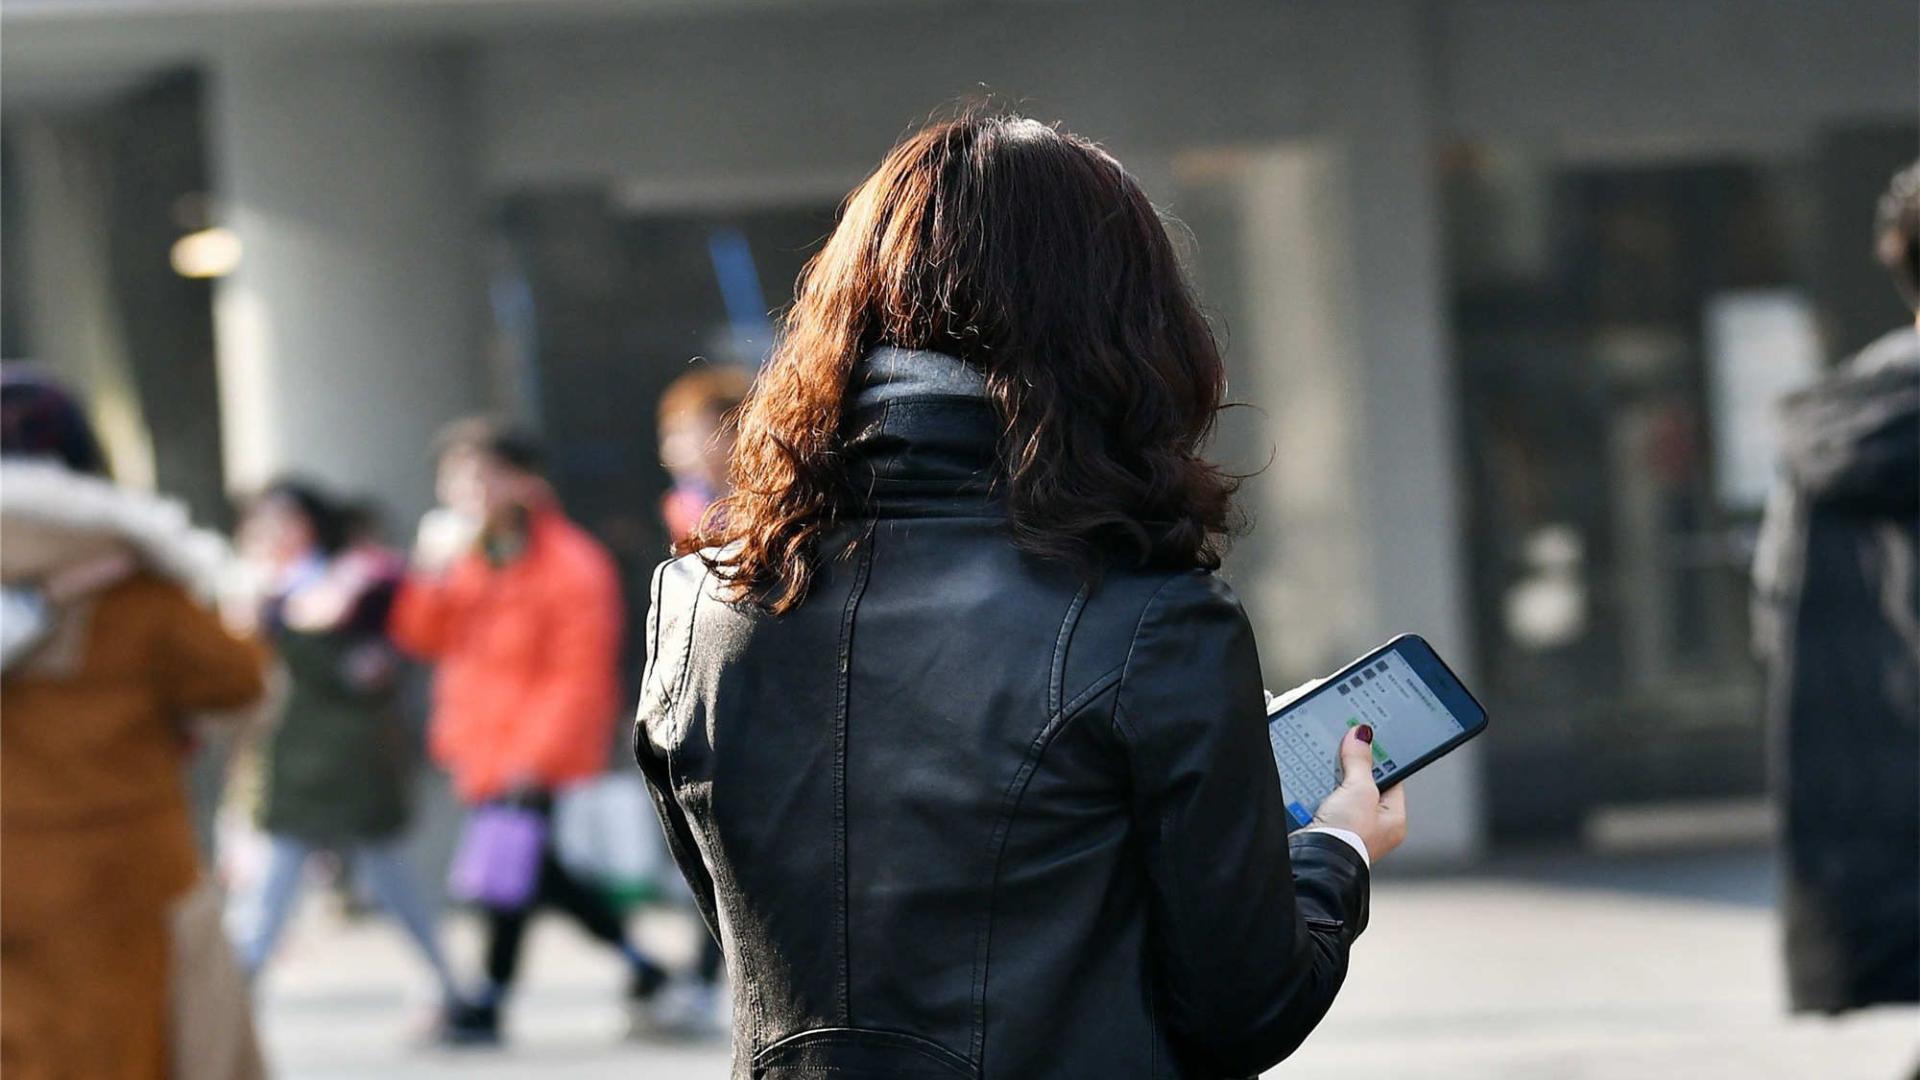 黑色夹克搭配羊绒围巾,温暖又时尚,自在出街